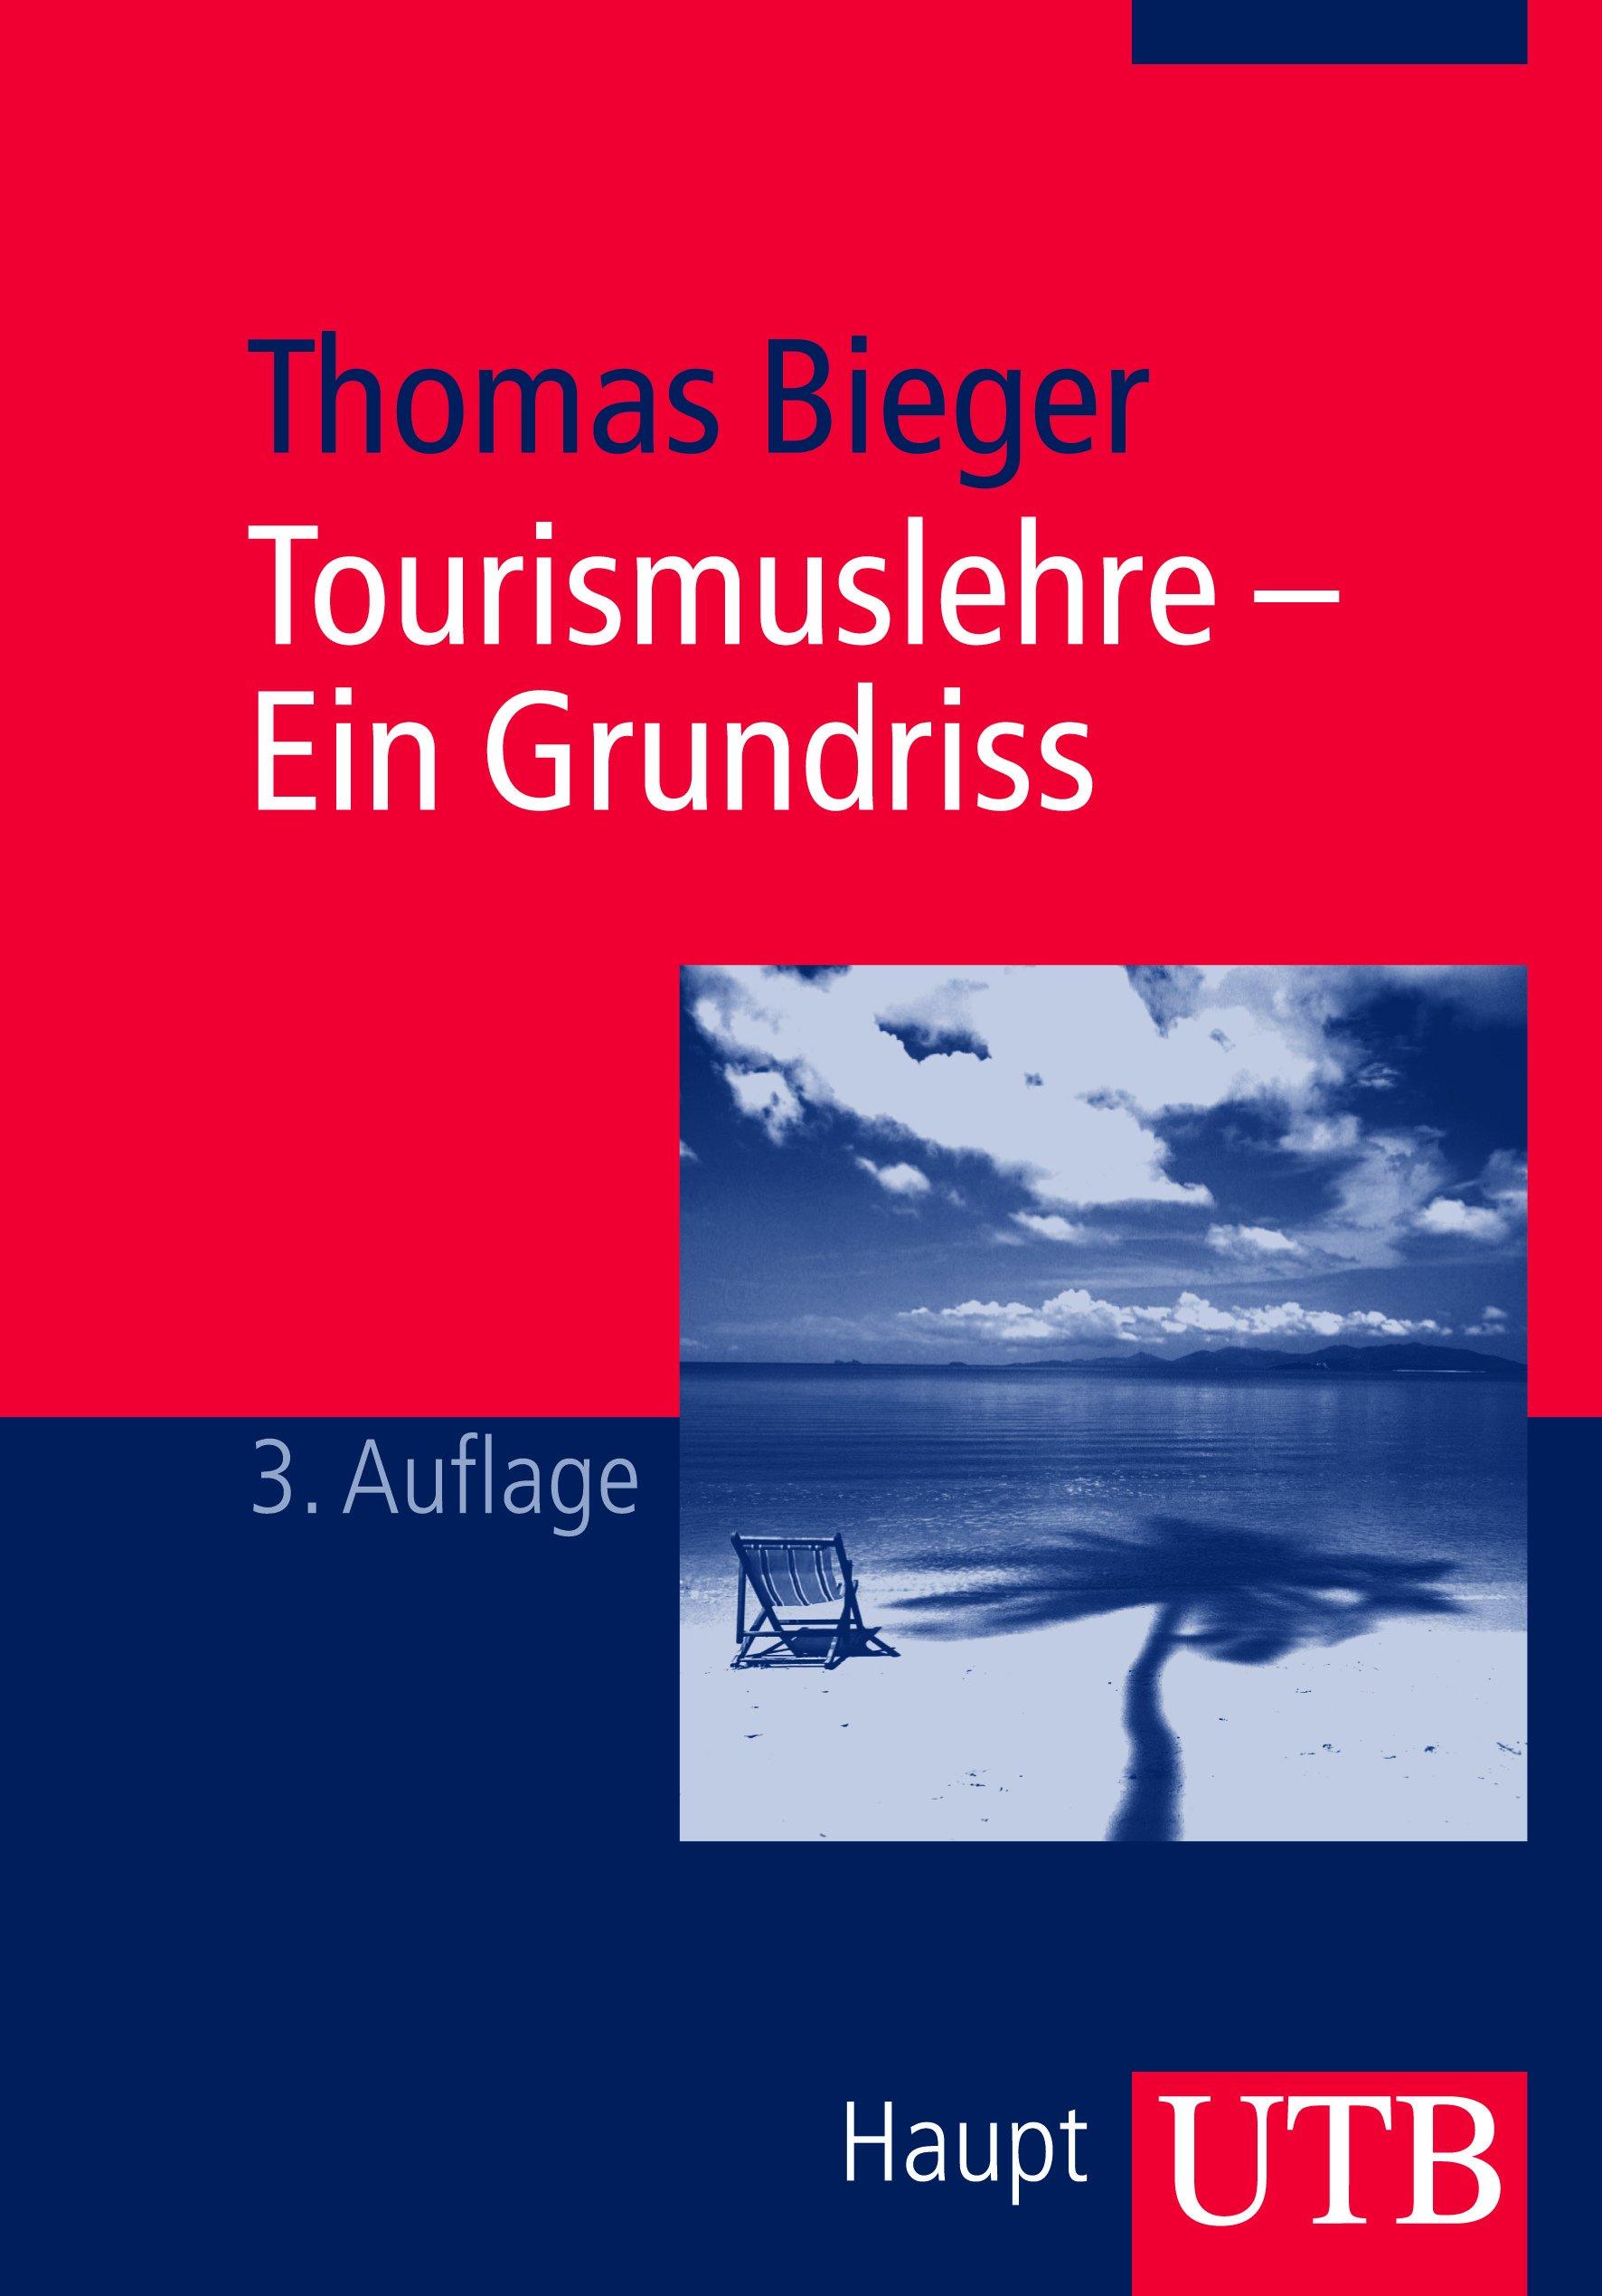 Tourismuslehre - Ein Grundriss Taschenbuch – 17. März 2010 Thomas Bieger UTB GmbH 3825225364 Einzelne Wirtschaftszweige